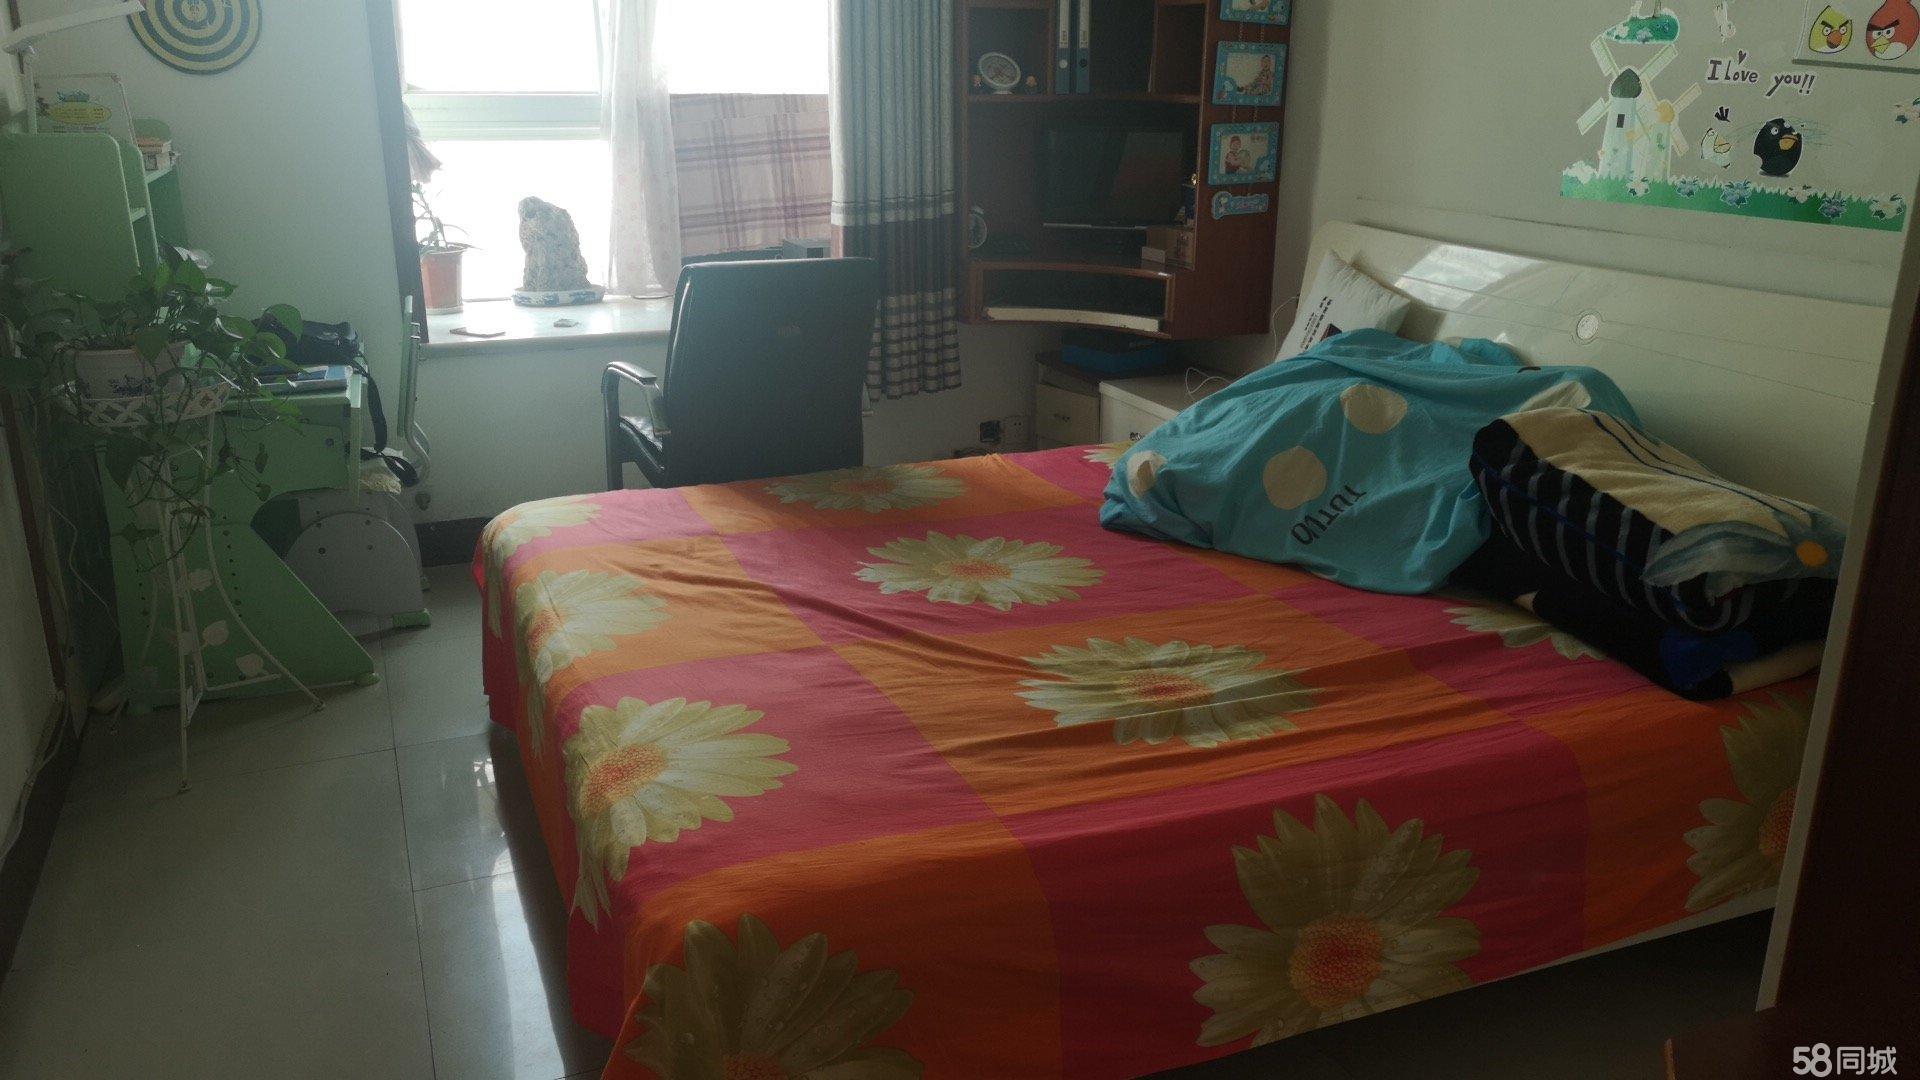 出售龙苑公寓3室2厅2卫,全套家具家电,拎包入住